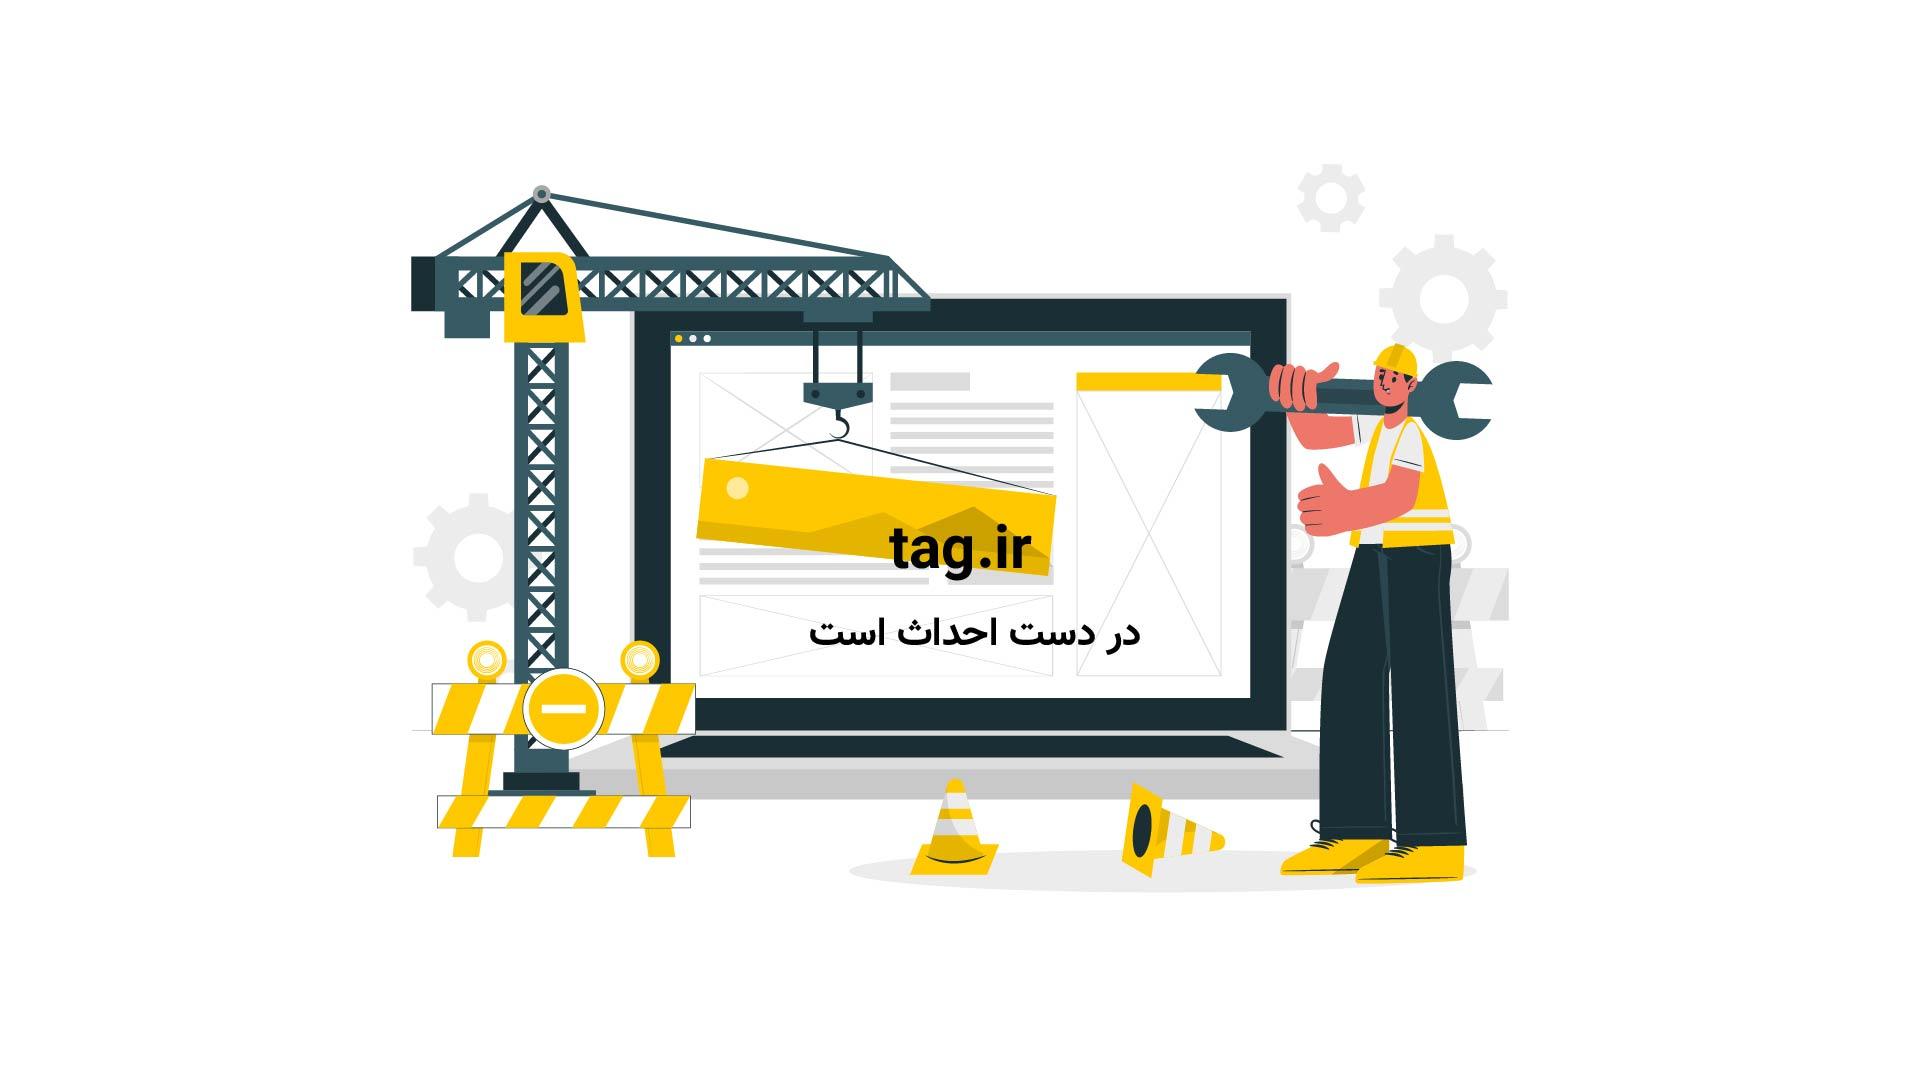 بازیگوشی خرس قطبی | تگ